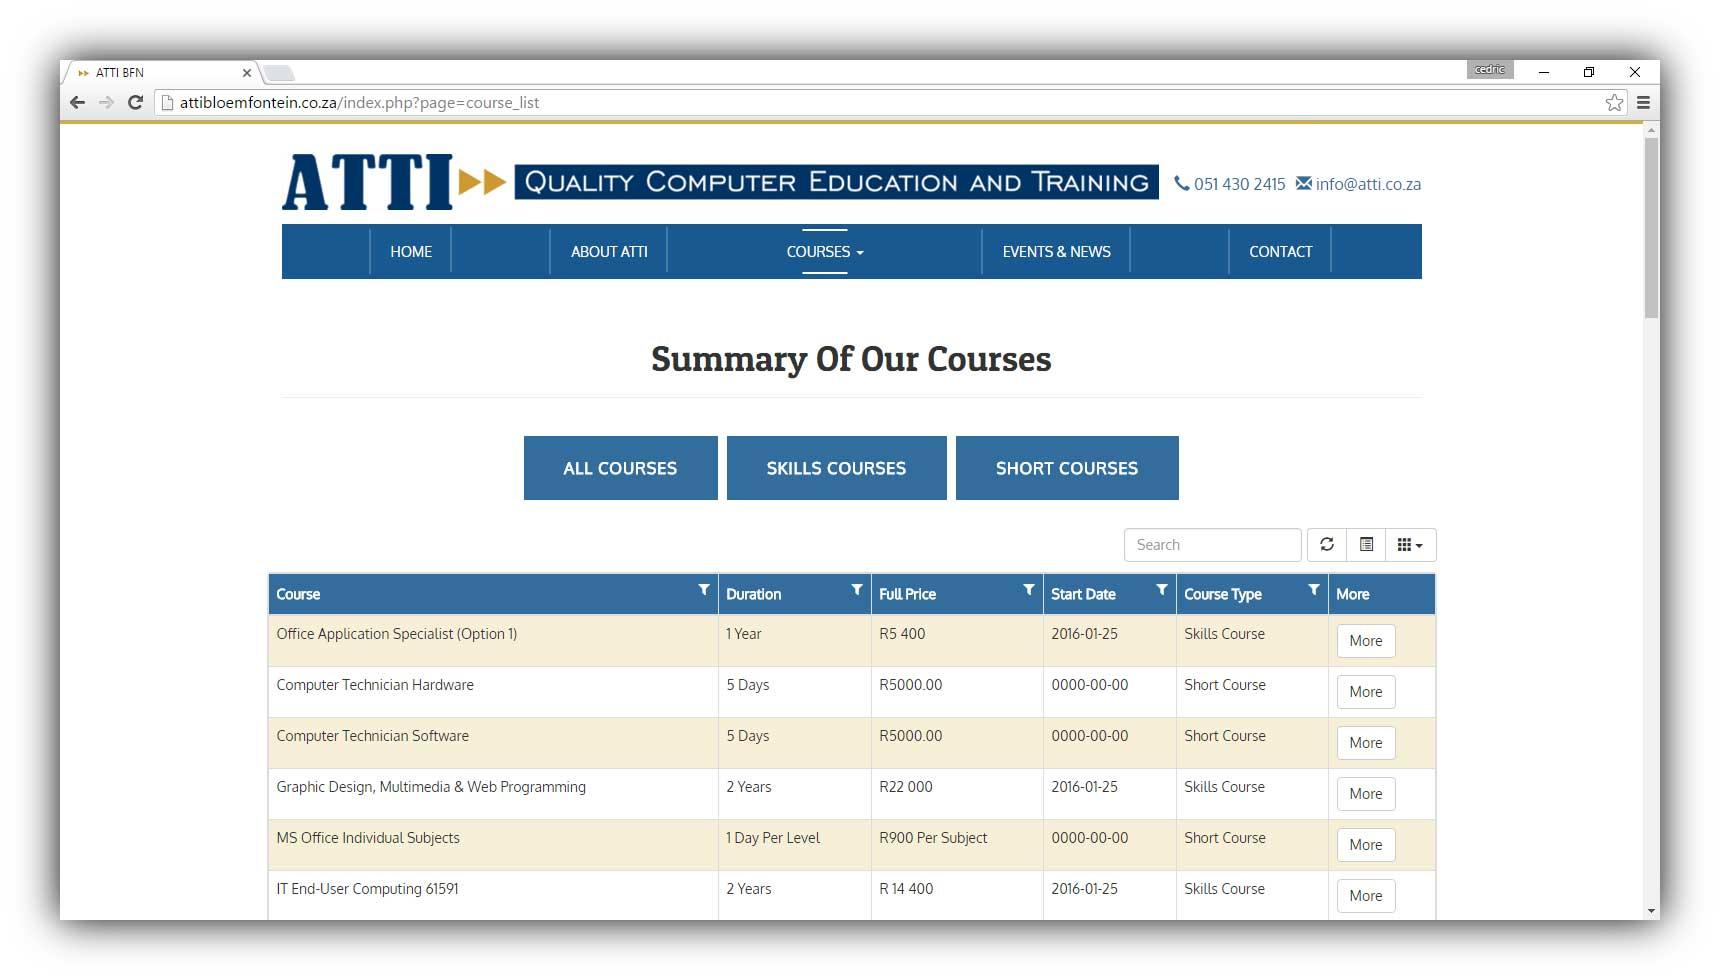 atti-courses-page